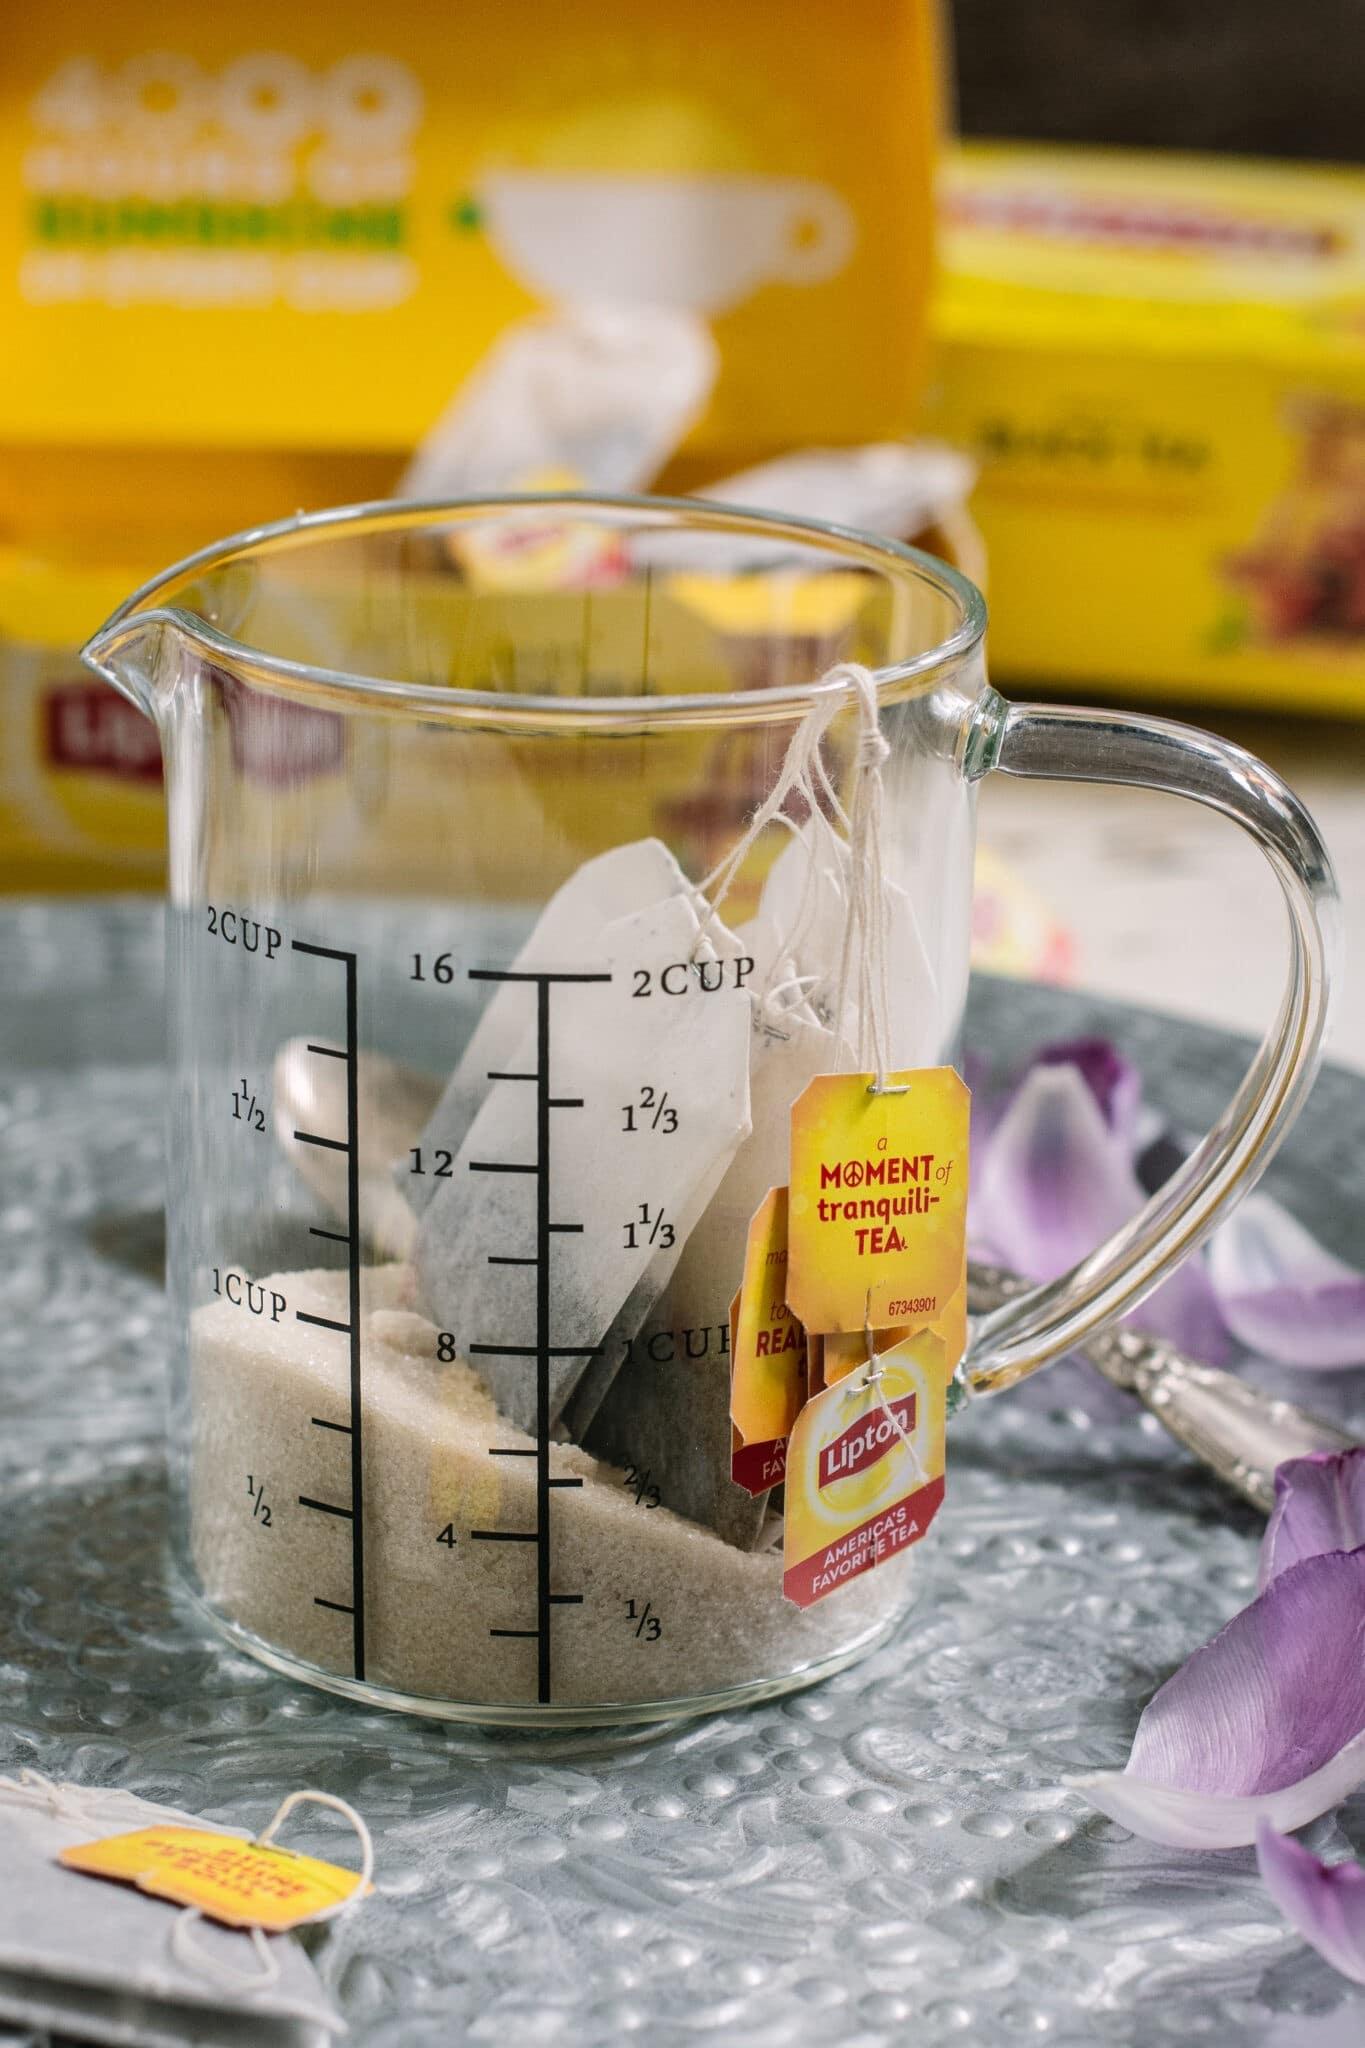 Preparing Lipton Tea